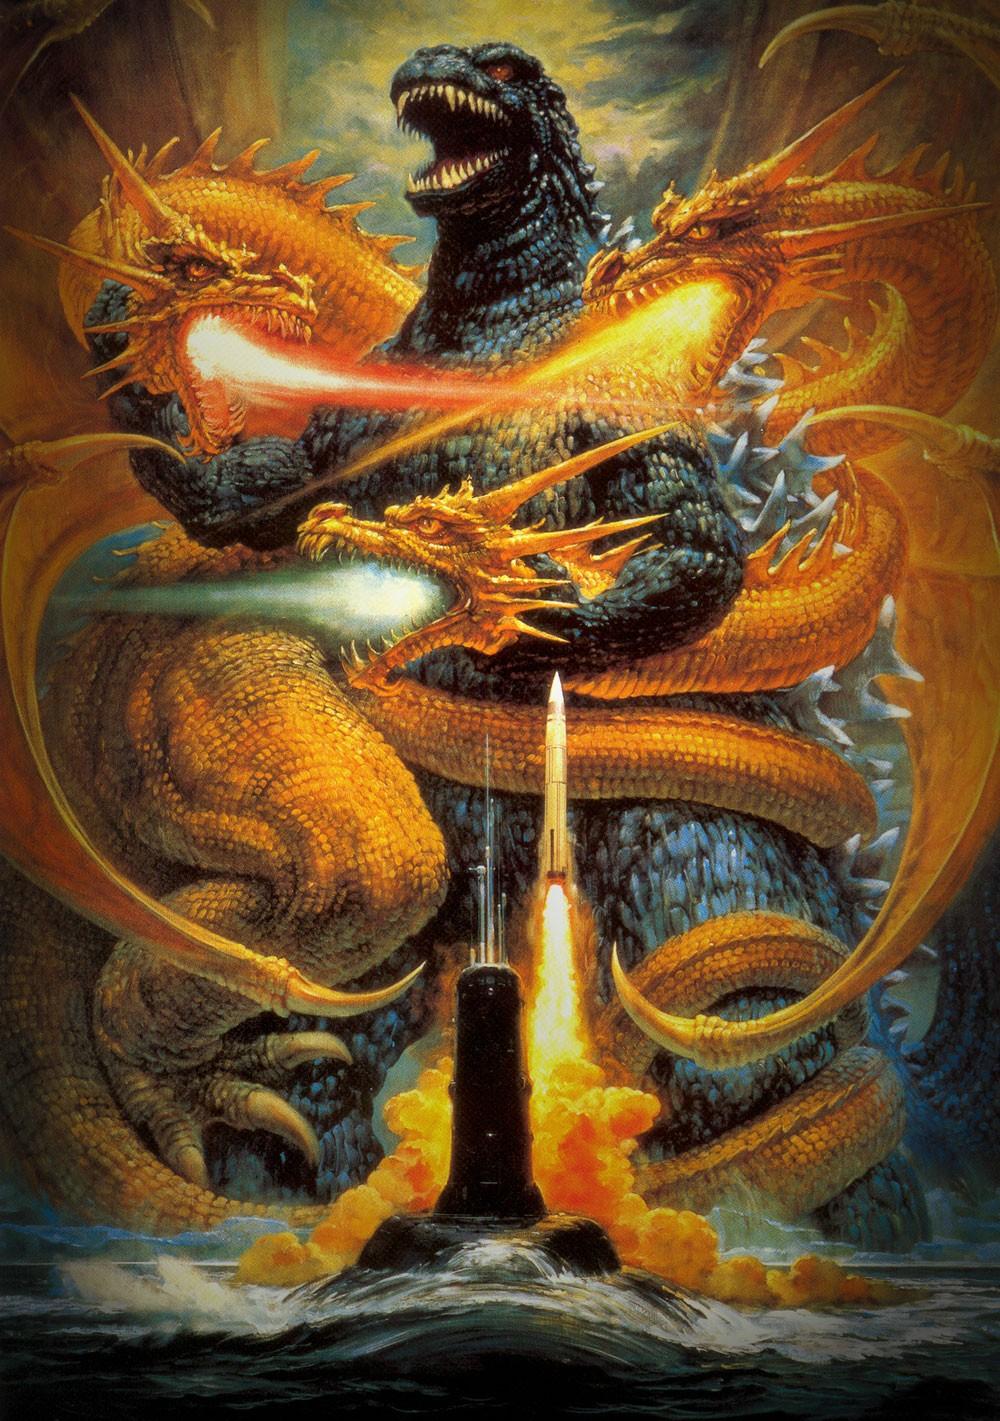 Godzilla-7.jpg